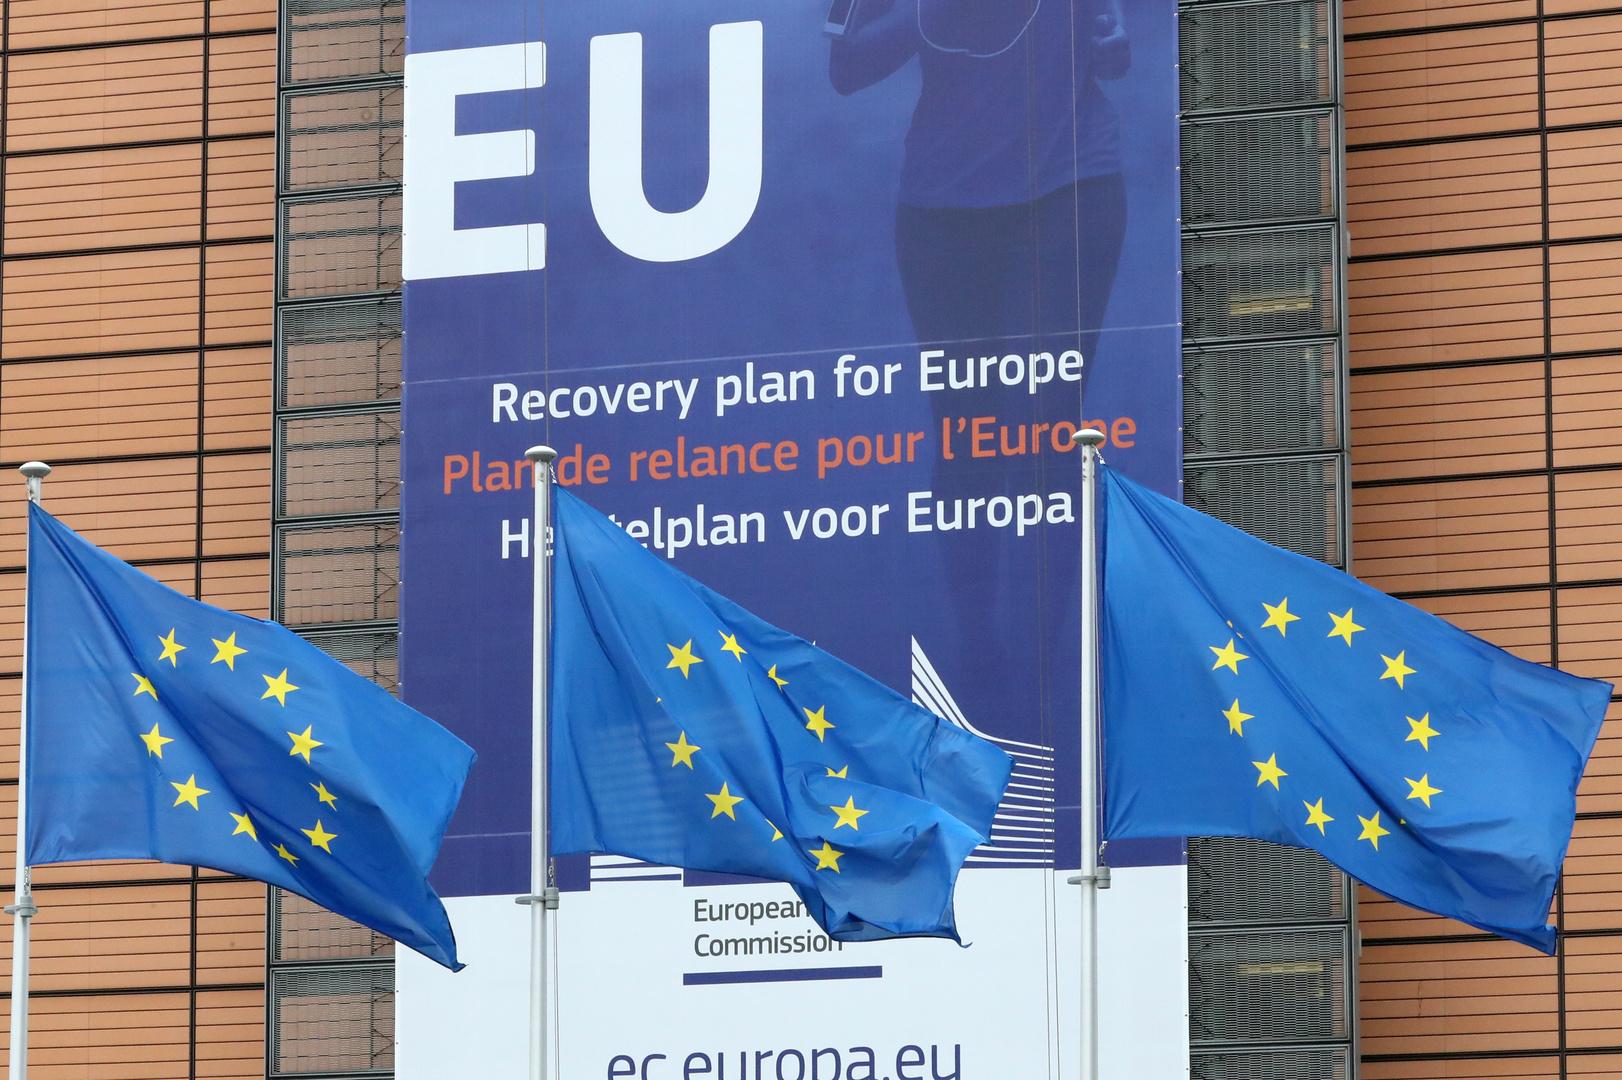 المفوضية الأوروبية تعتزم استثمار 8 مليارات يورو لتحقيق